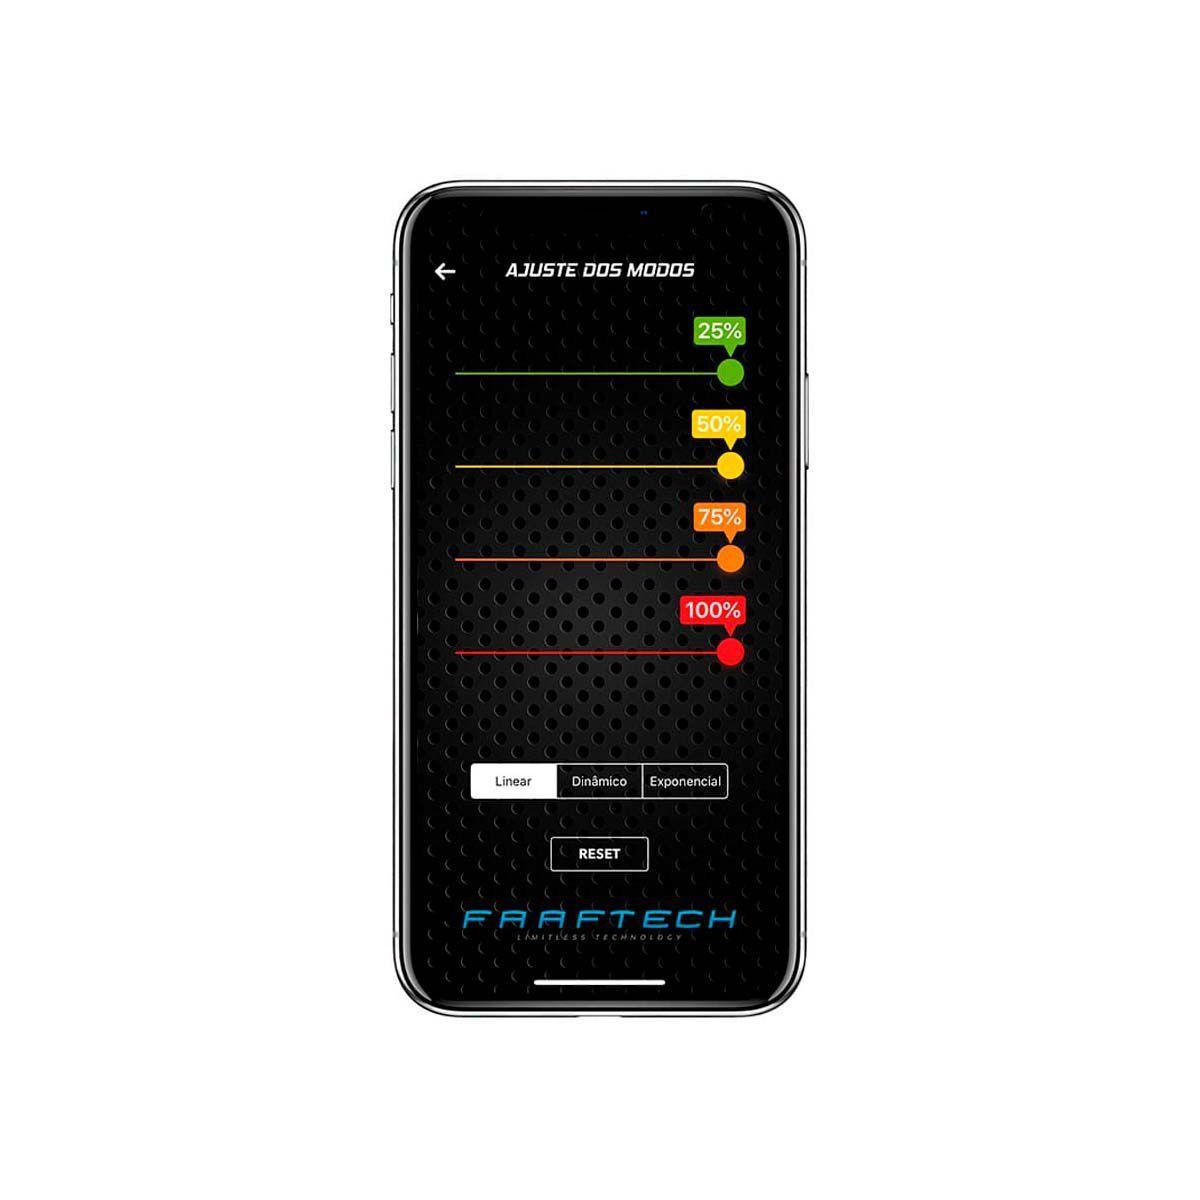 Shift Power para Toyota Hilux SW4 Prado Chip Acelerador Plug Play Bluetooth Faaftech FT-SP07+